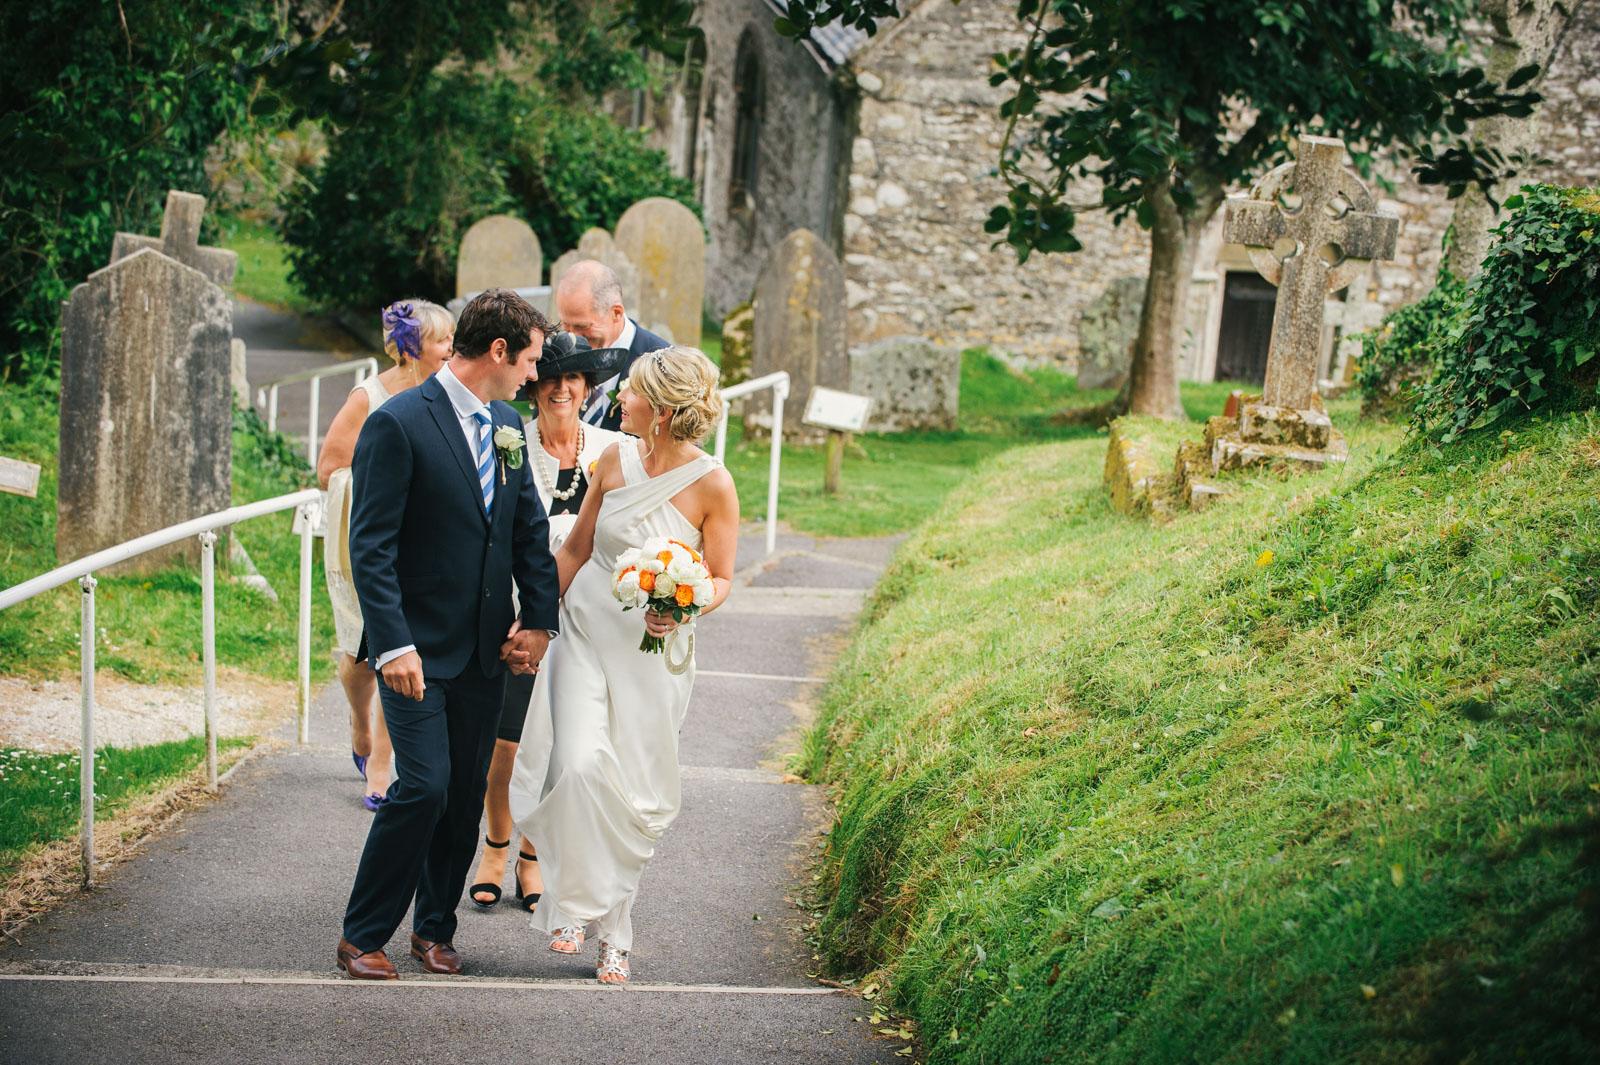 mylor-church-wedding-59.jpg